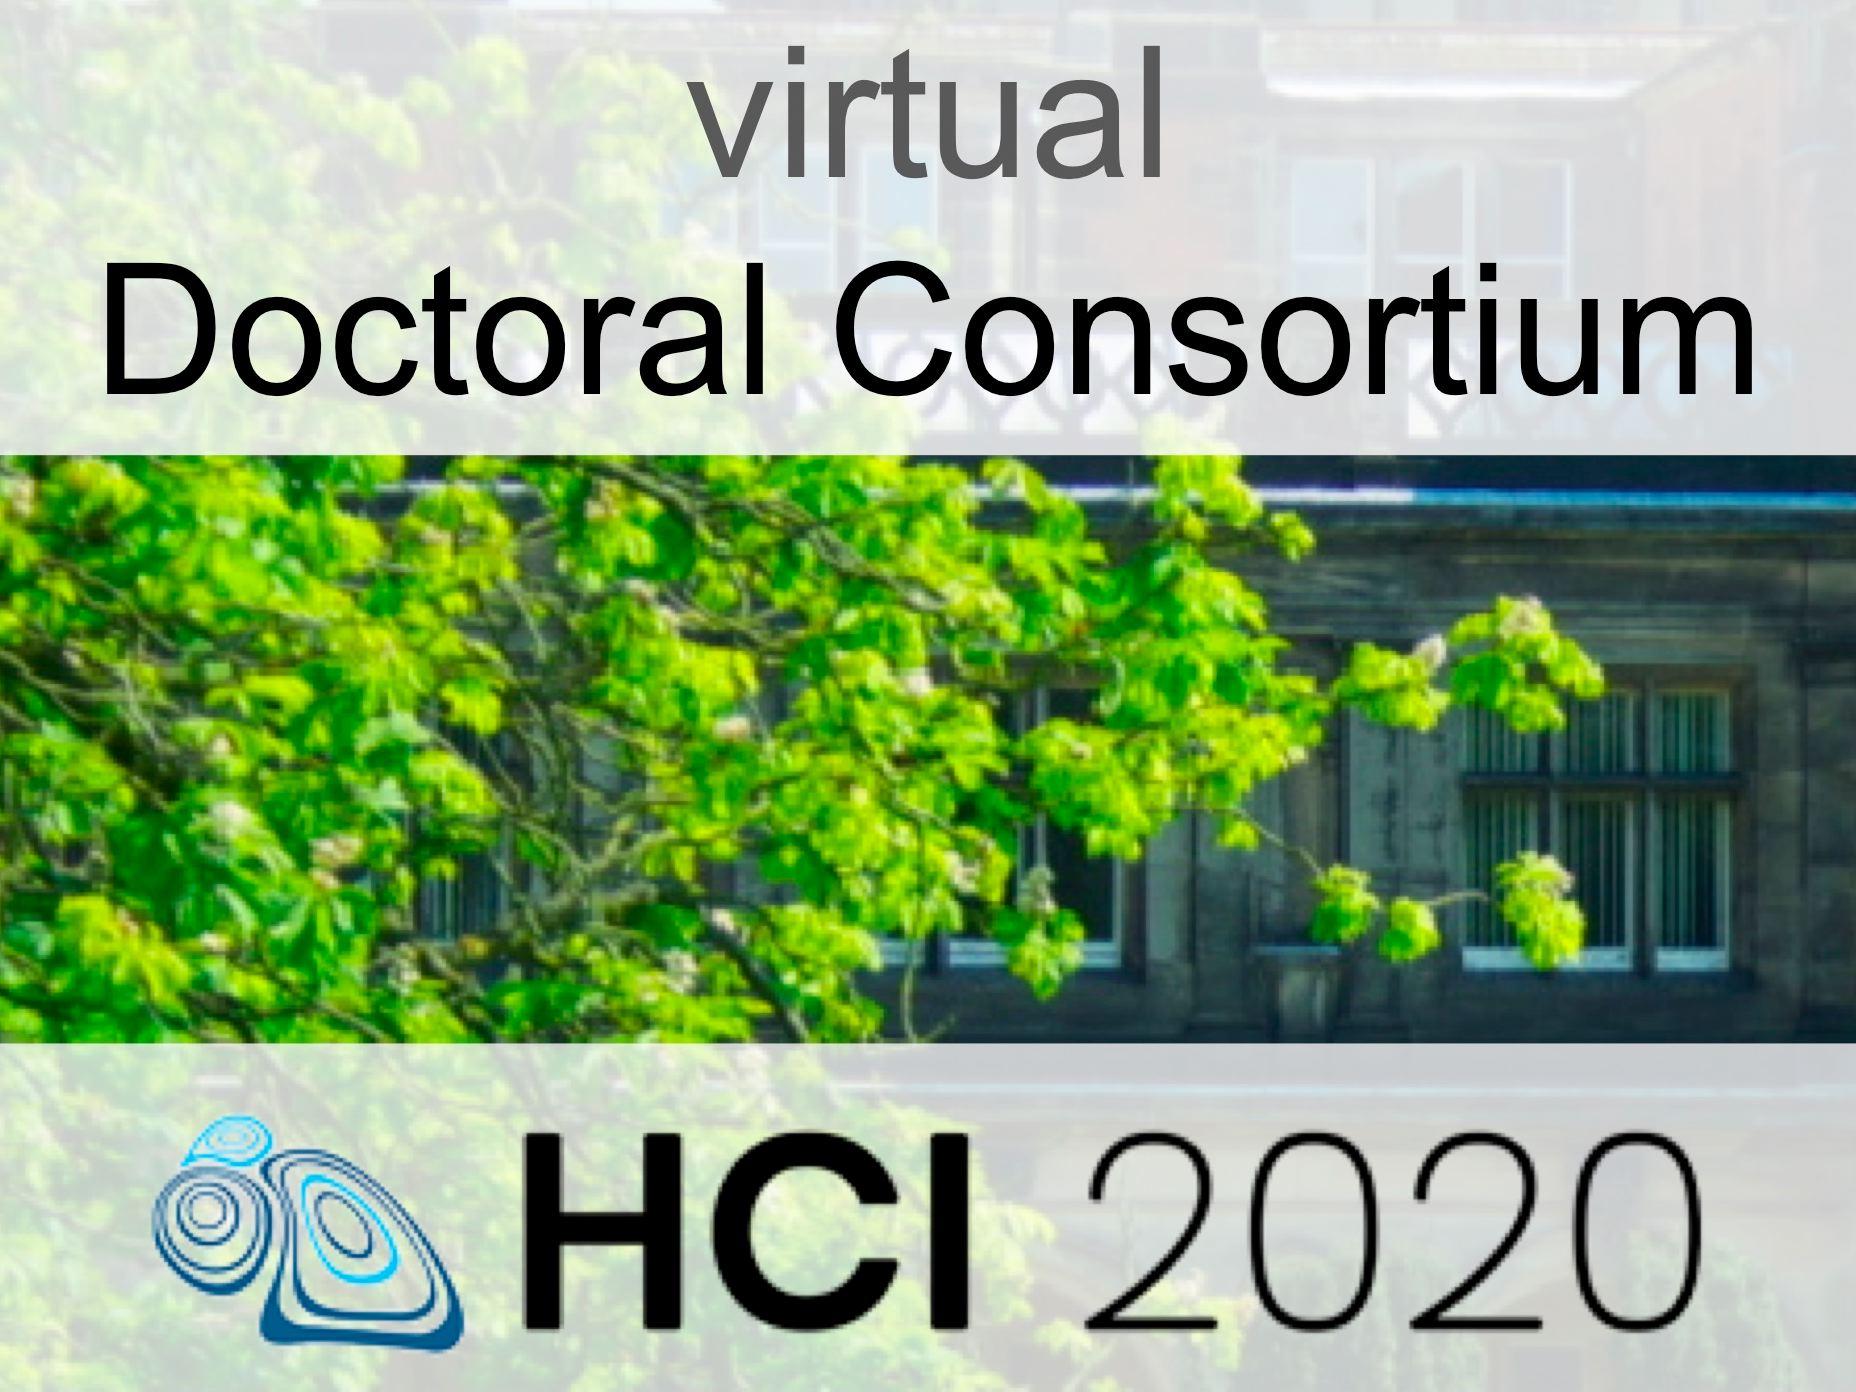 Doctoral Consortium BCS HCI 2020